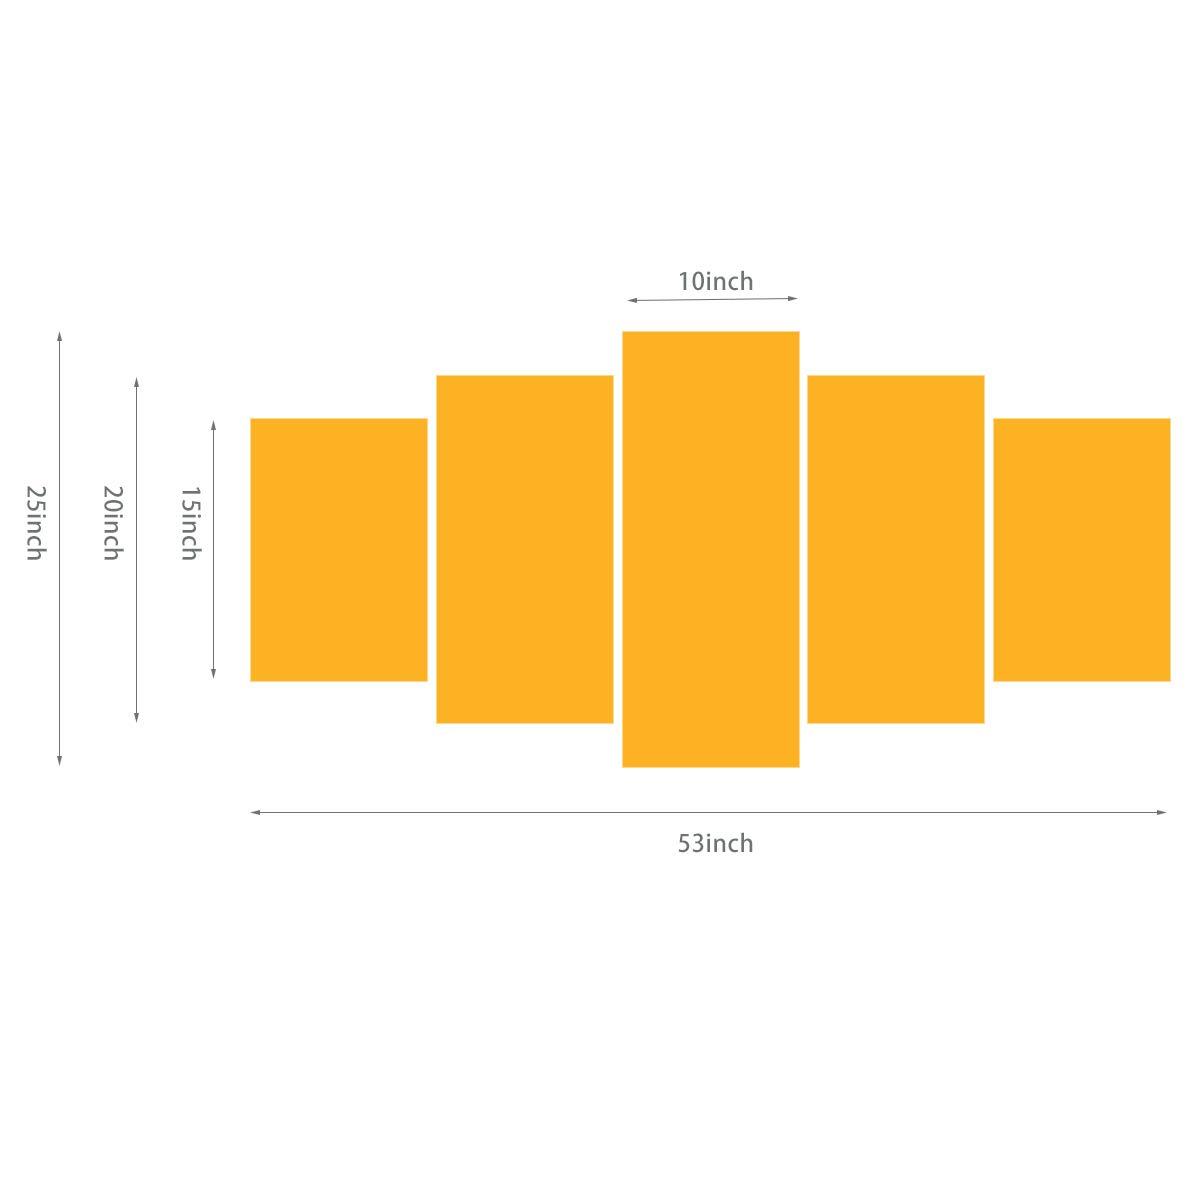 5 Lienzo De Panel De De Impresión De Arte De Panel La Pared-Puesta De Sol Bajo El Animal Alce Pareja Foto Ilustraciones Estiramiento Y Marco Listo para Colgar Lienzo Decoración De Residencia De Artista,M f276f7